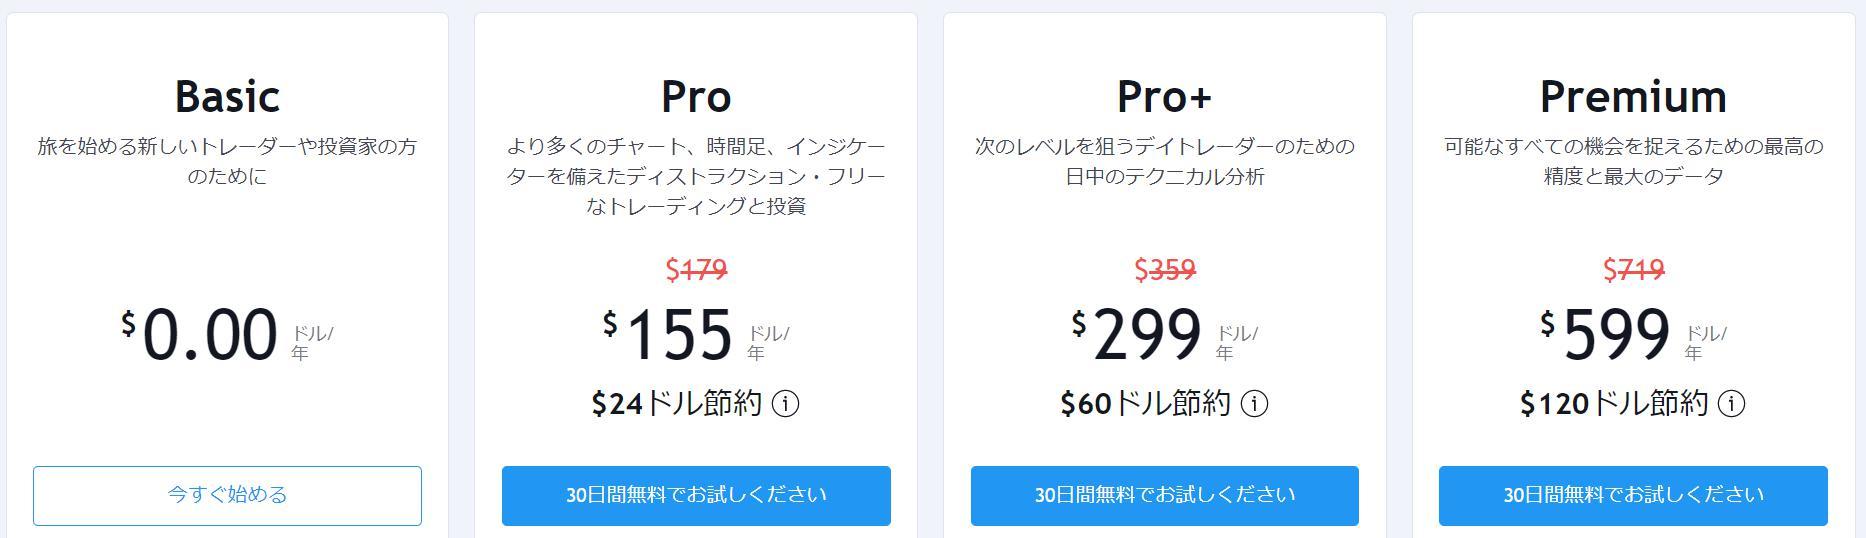 トレーディングビュー価格表